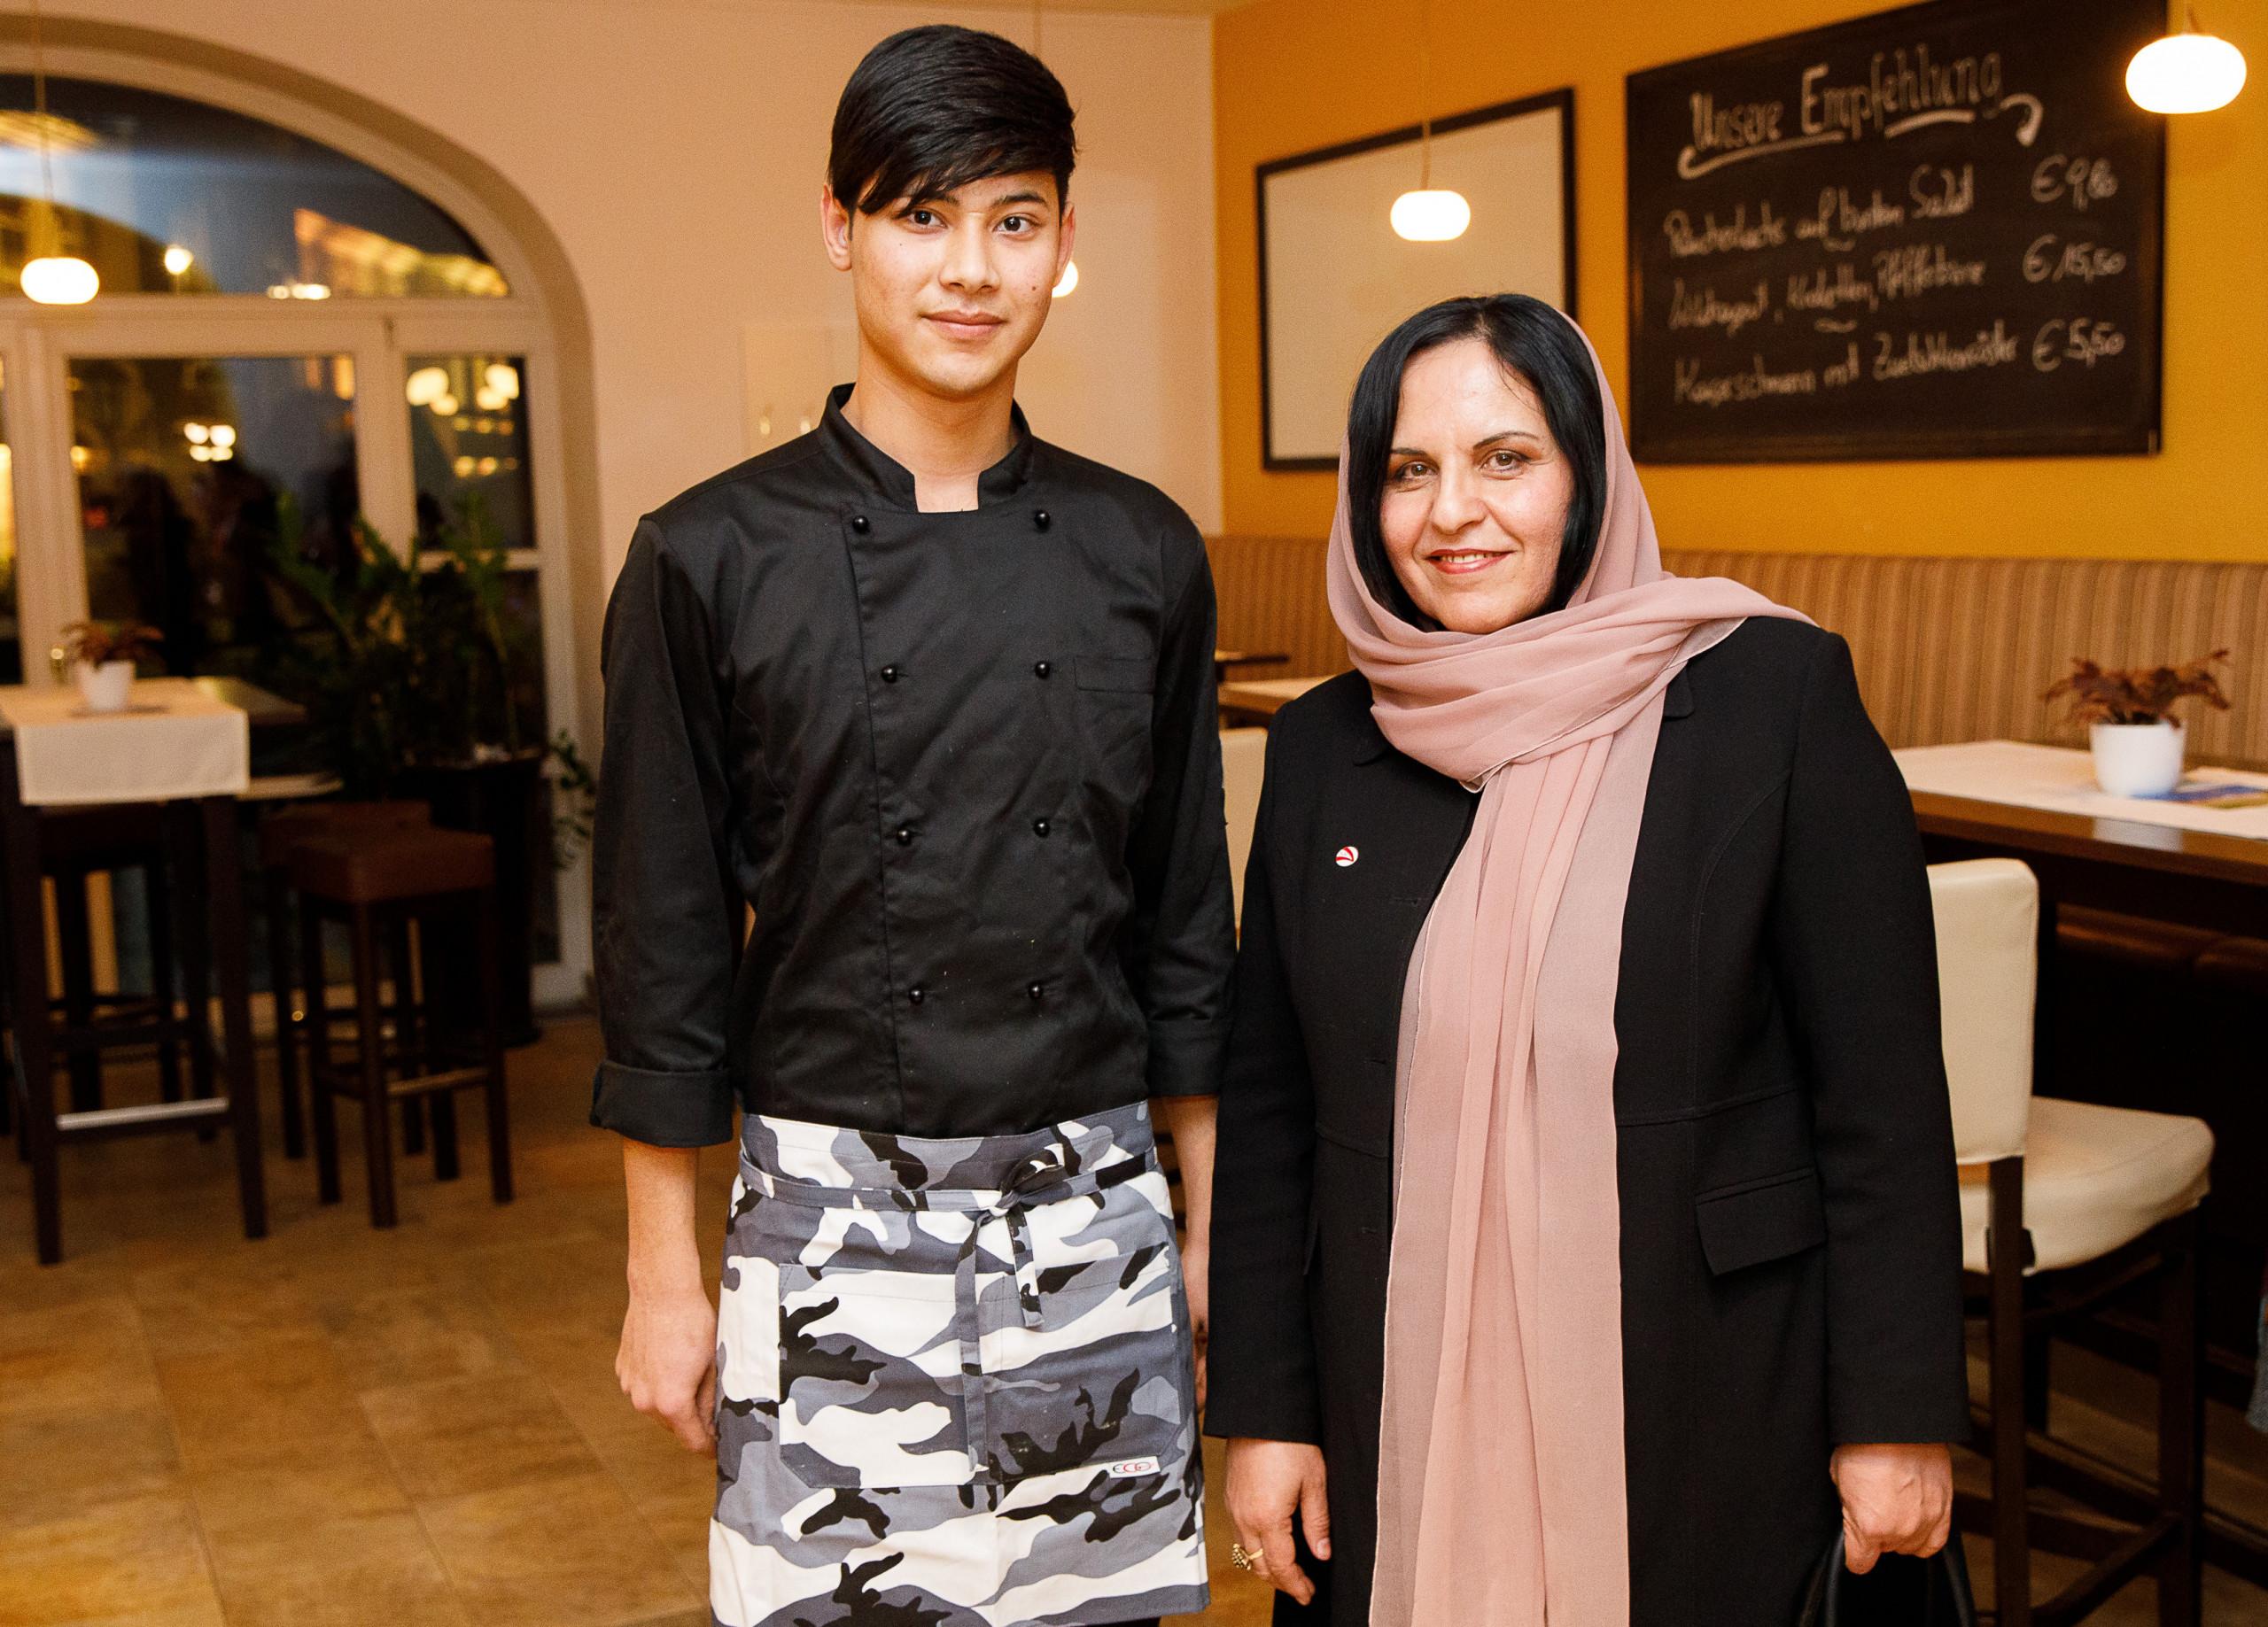 Mostafa Ahmadi machte eine Gastronomie-Lehre, neben ihm Khojesta Fana Ebrahimkhel, Botschafterin von Afghanistan in Österreich. Foto: PaN/Wieser